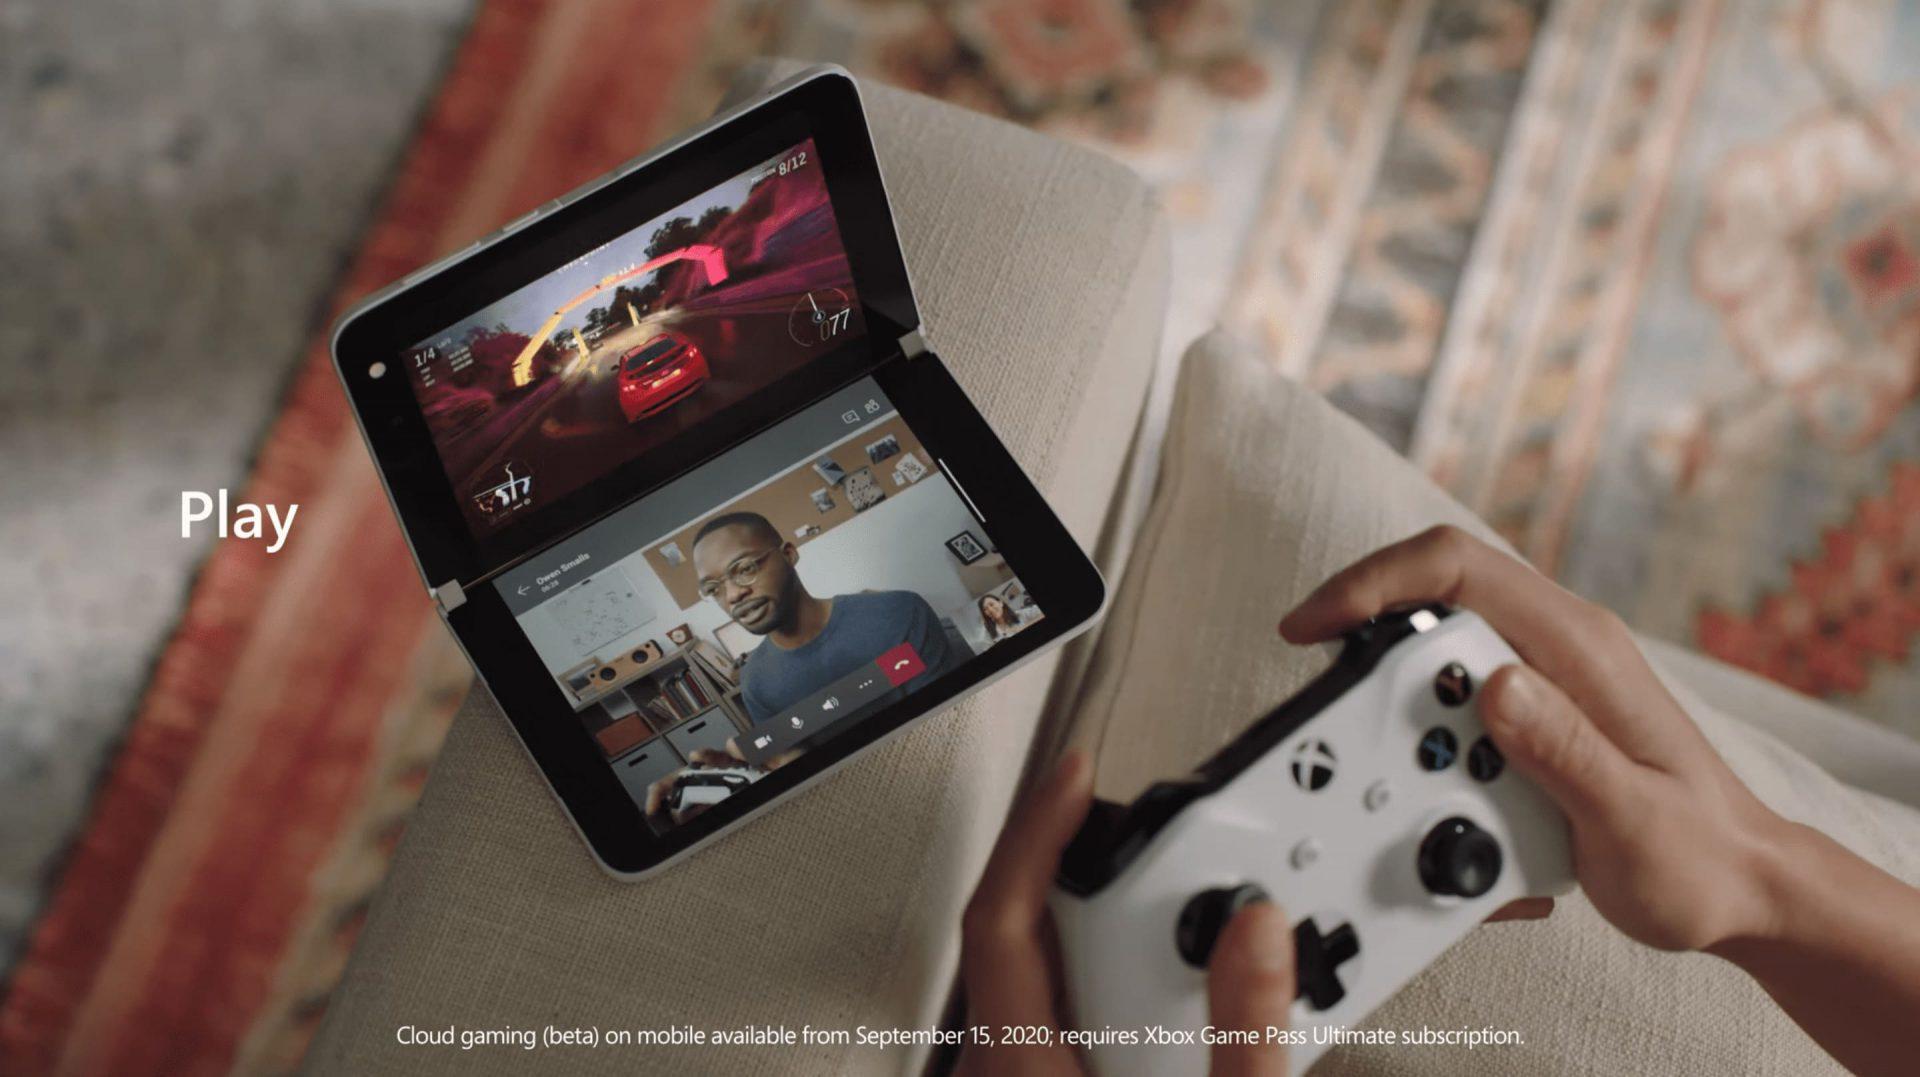 Surface Duo con un mando Bluetooth a la vez que estamos en una videollamada